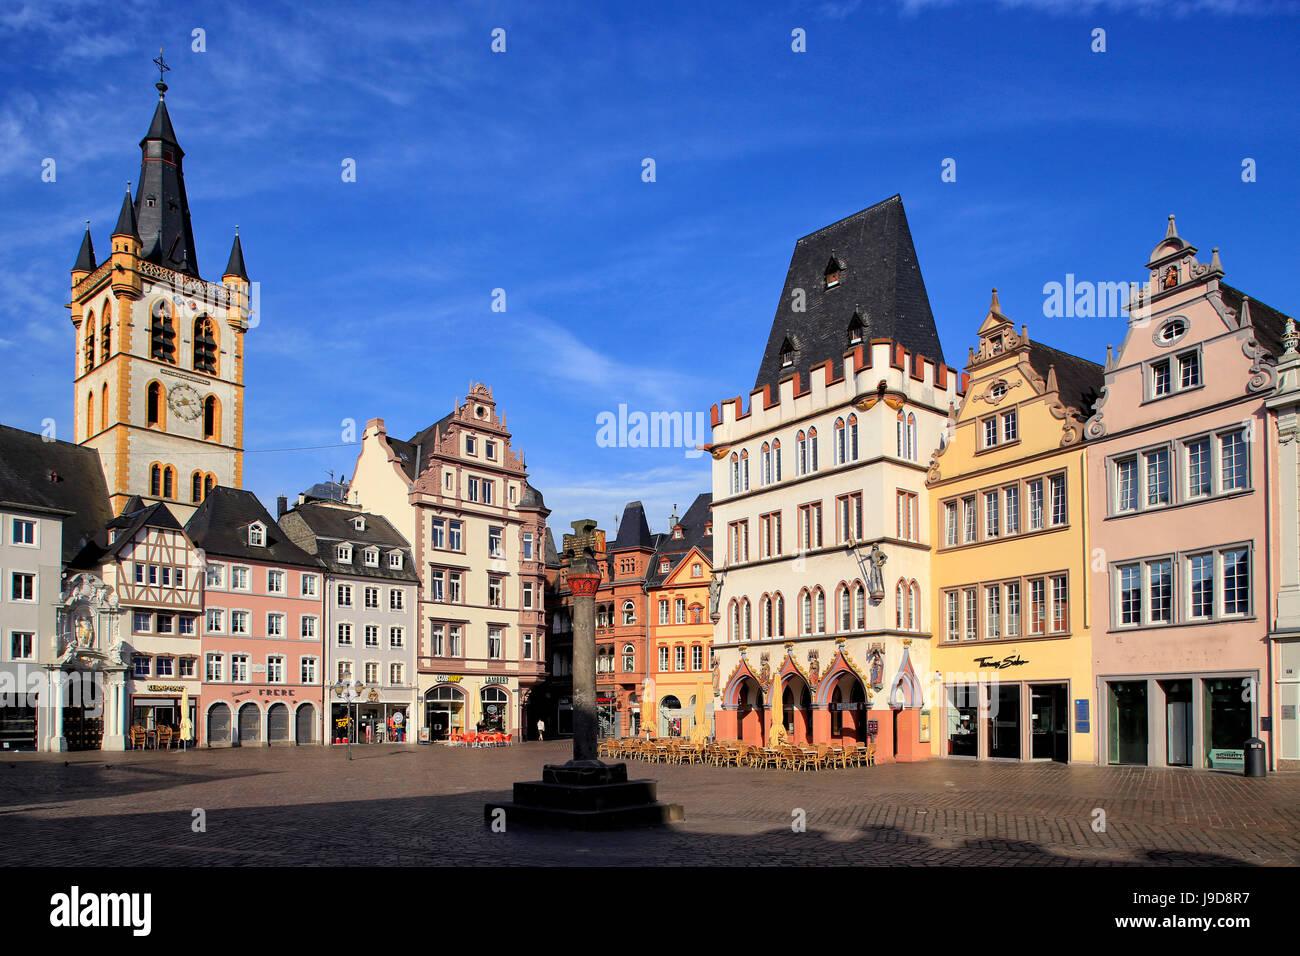 La Hauptmarkt, Place du marché, avec l'église Saint Gangolf Steipe et bâtiment, Trèves, Photo Stock